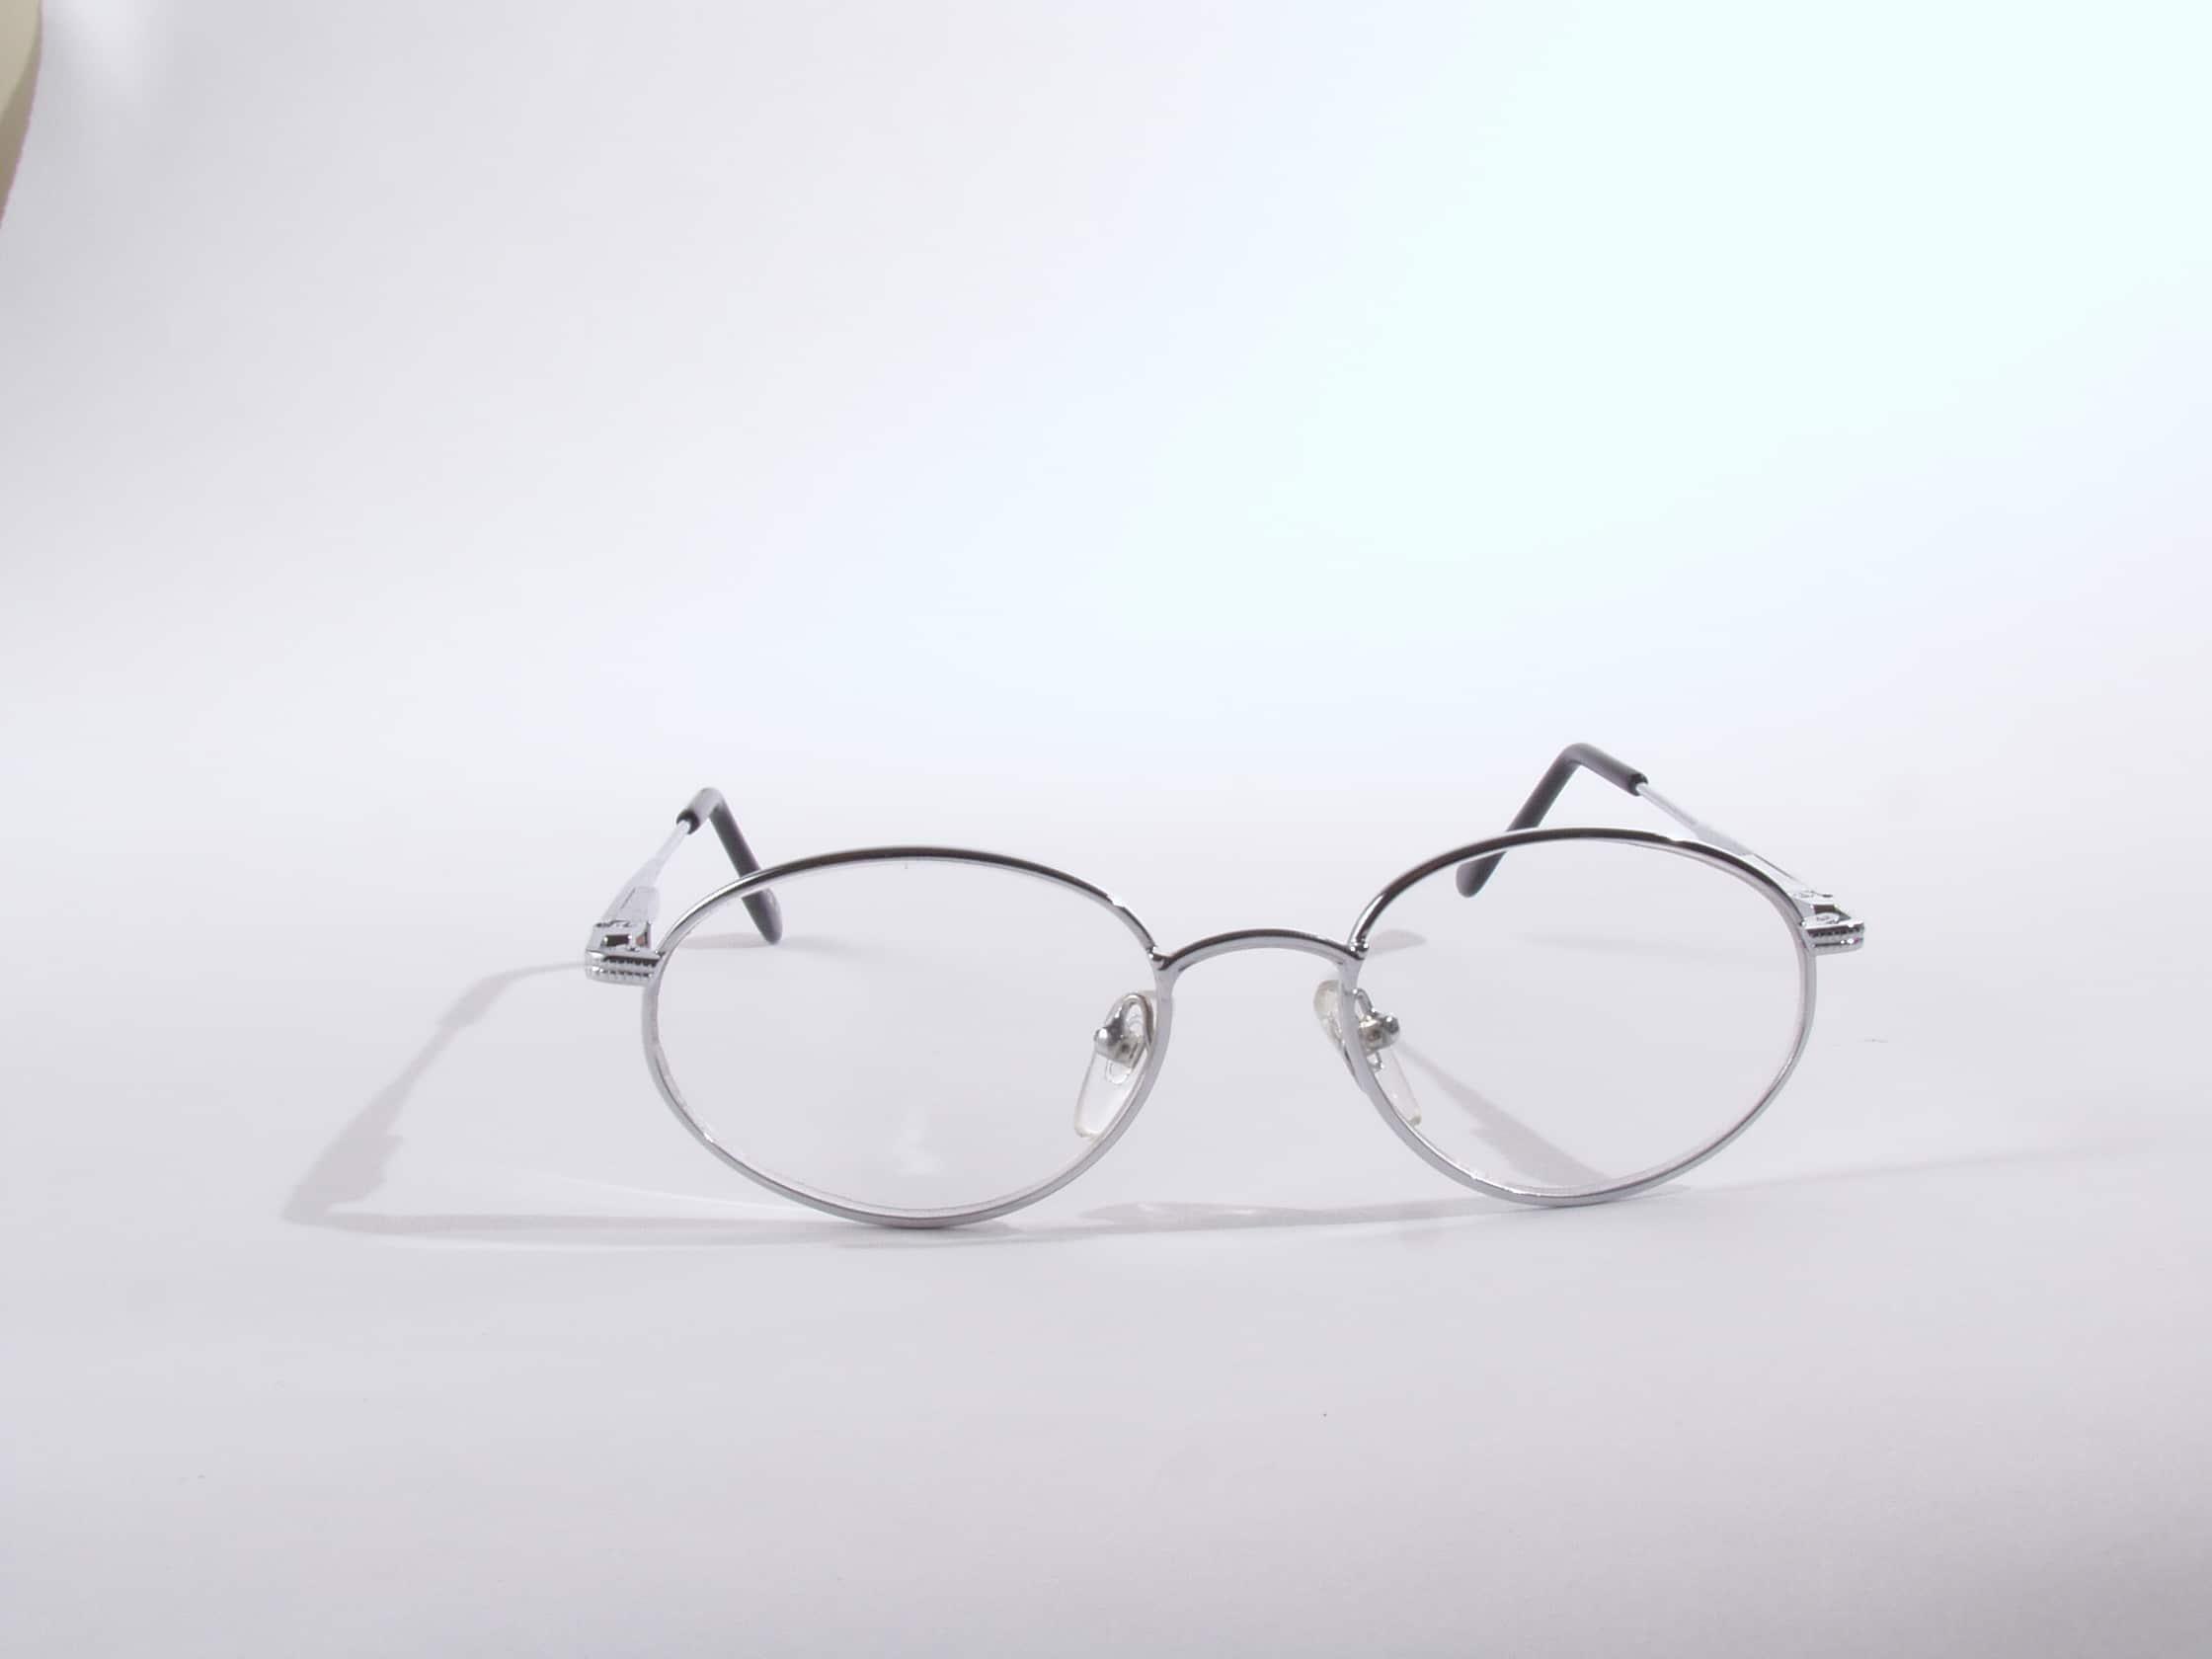 Ces lunettes de vue sont-elles traitées antireflets ?